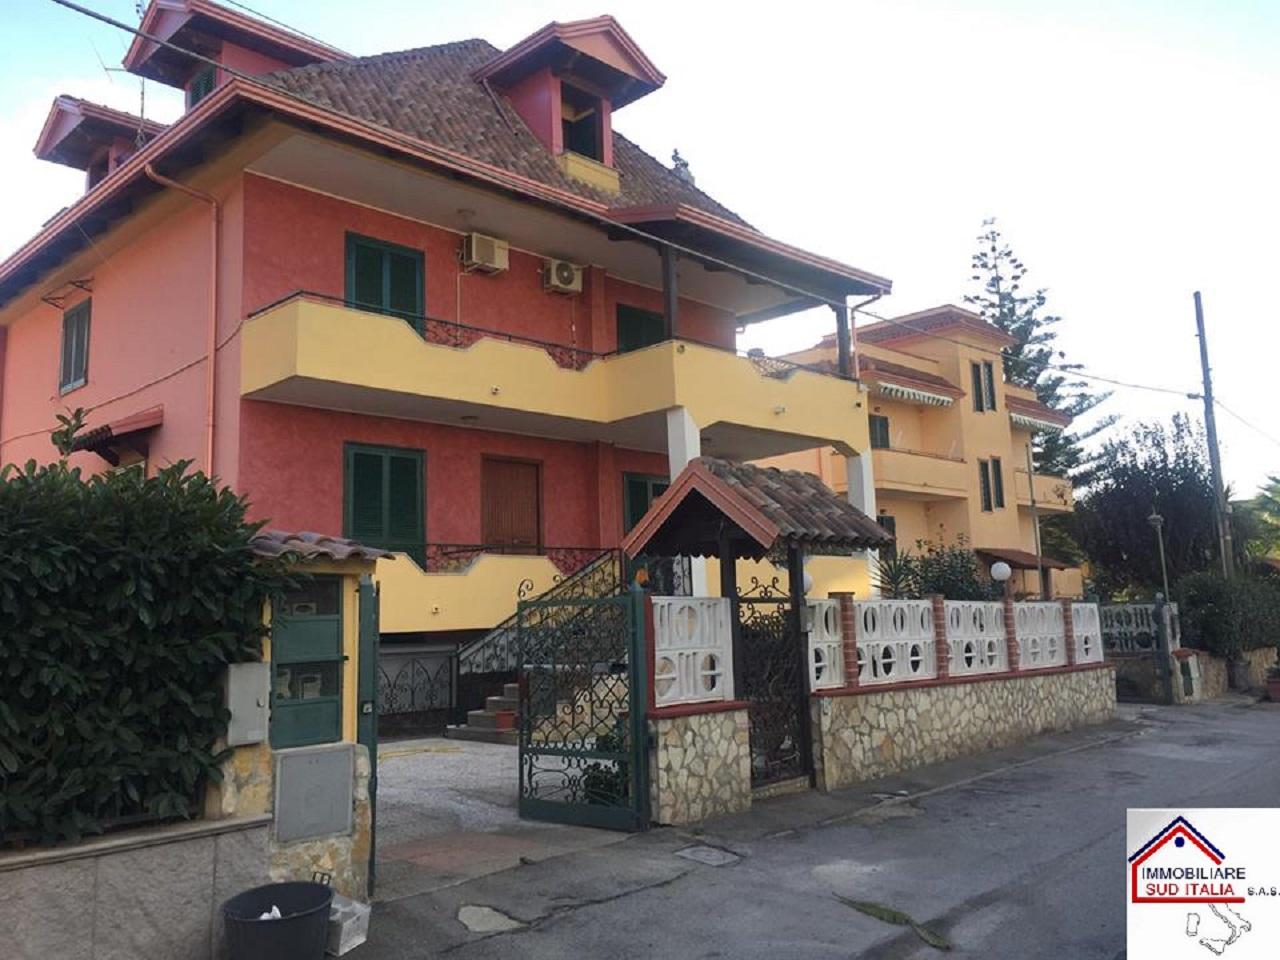 Villa in affitto a Giugliano in Campania, 4 locali, zona Località: LagoPatria, prezzo € 800 | CambioCasa.it